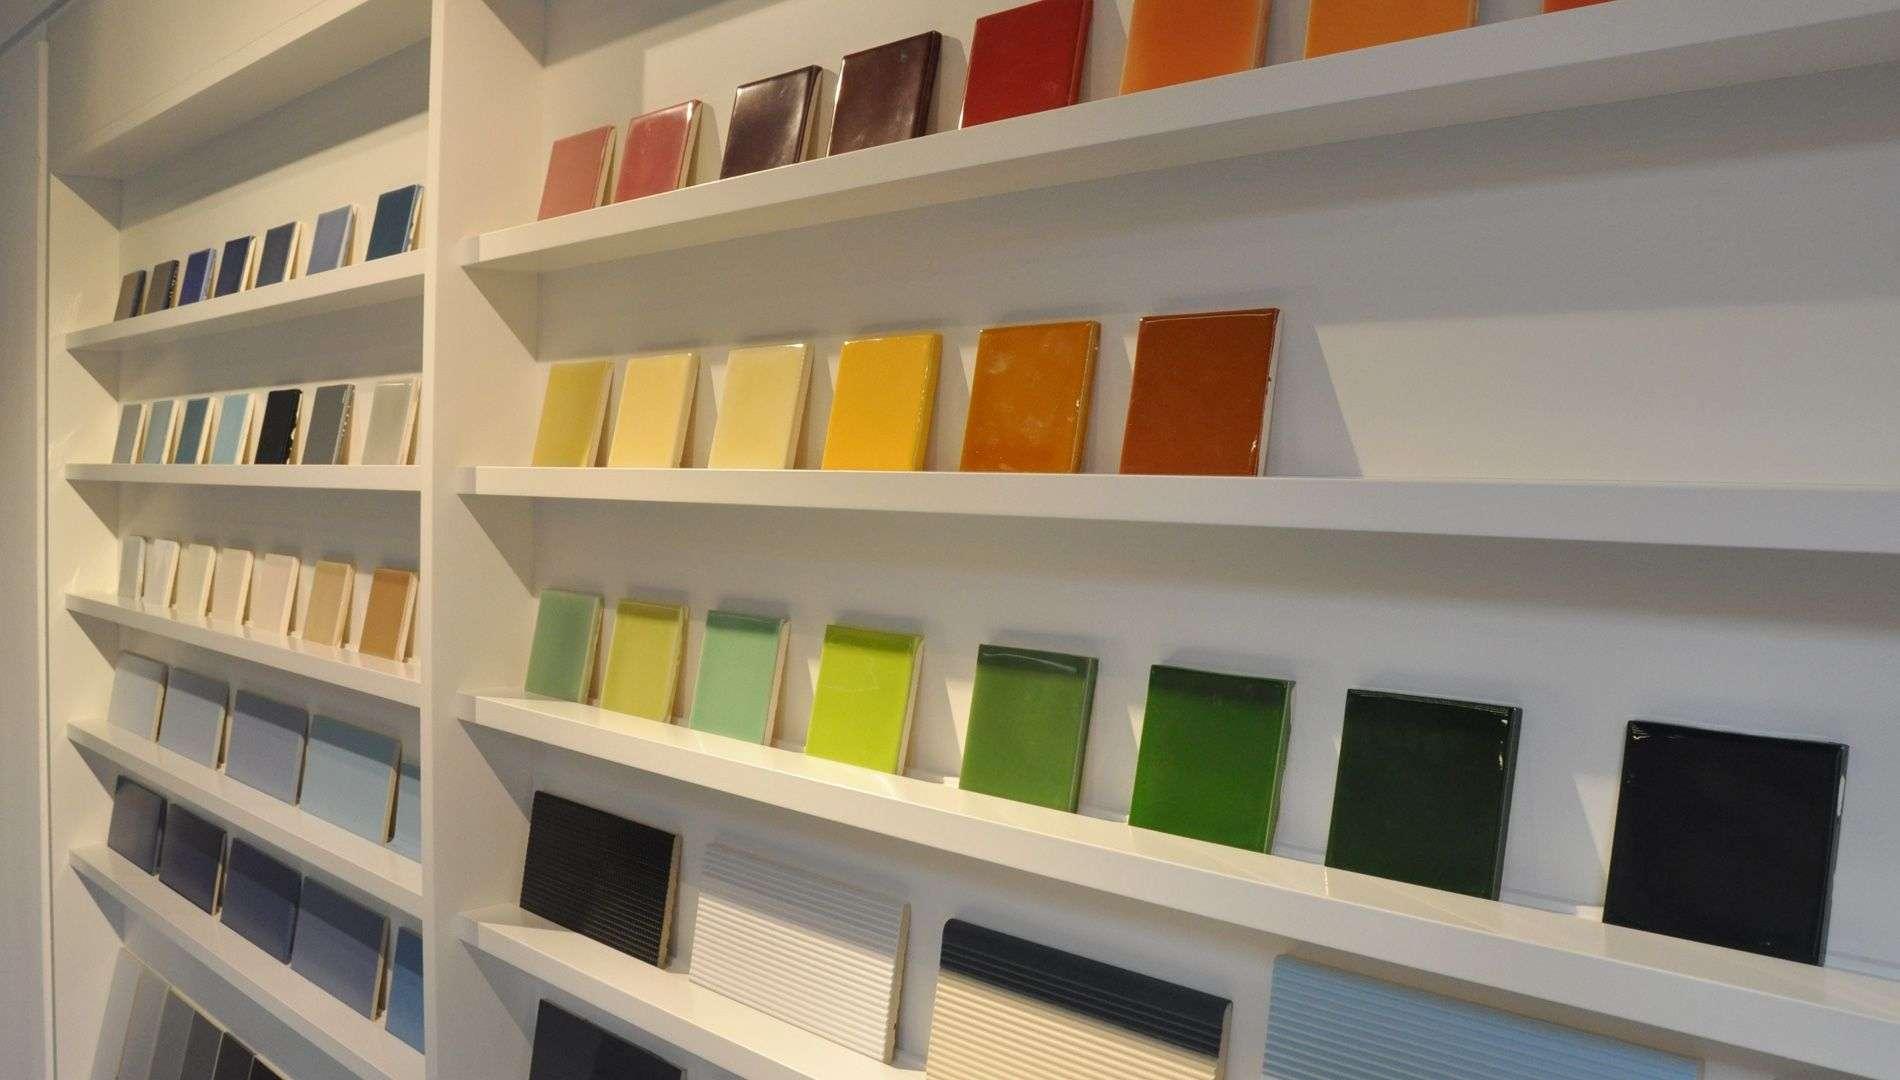 Ausstellungsfläche für Fließen in einem Wandschrank, wie Zeitungsauslage. Viele bunte kleine Muster-Fließen in Regal zur Übersicht drapiert.